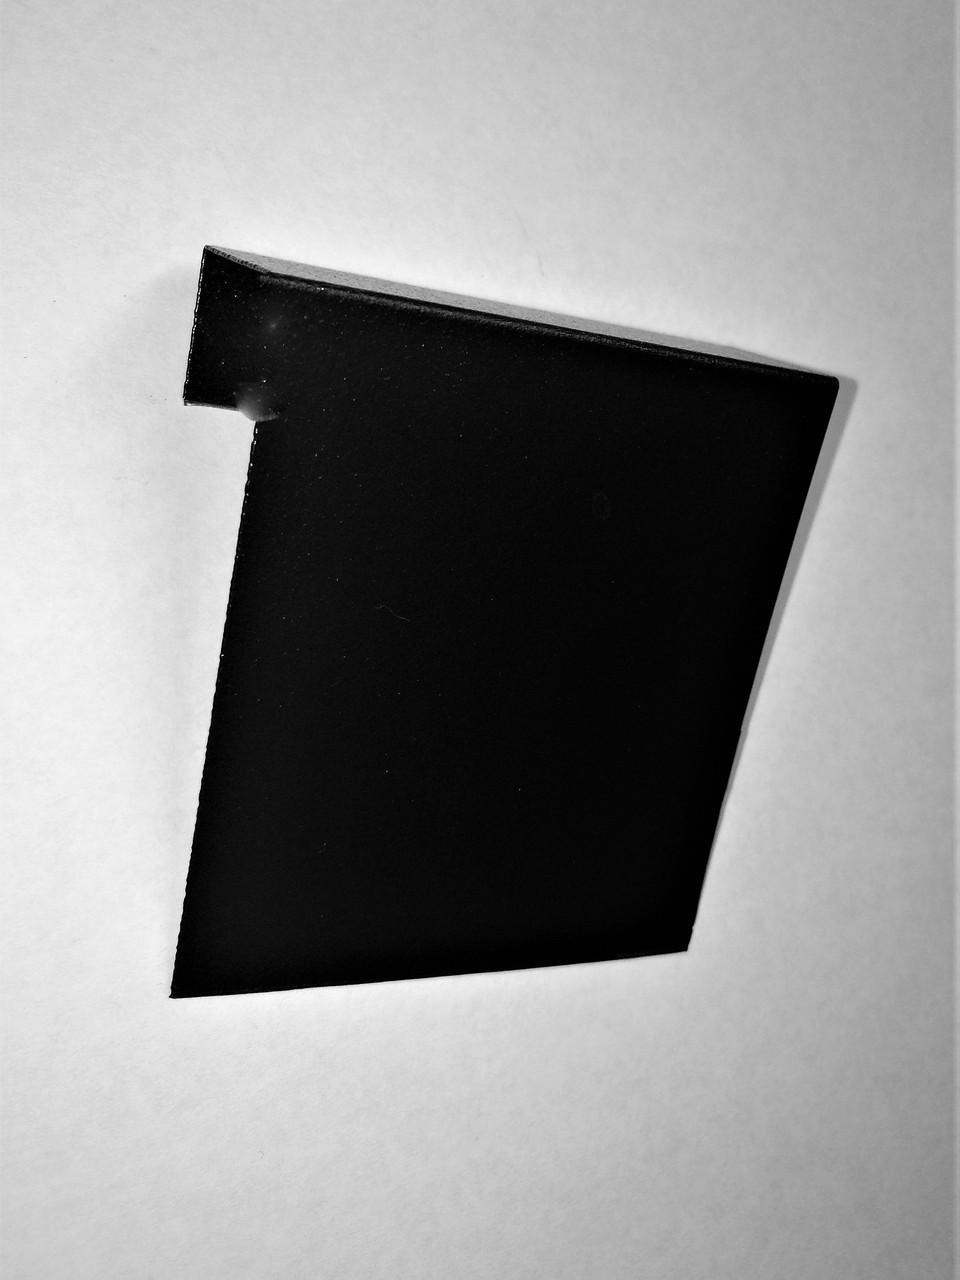 Меловой ценник 20х30 см П-образный на полку. Грифельная табличка на стеллаж. Для надписей мелом и маркером.